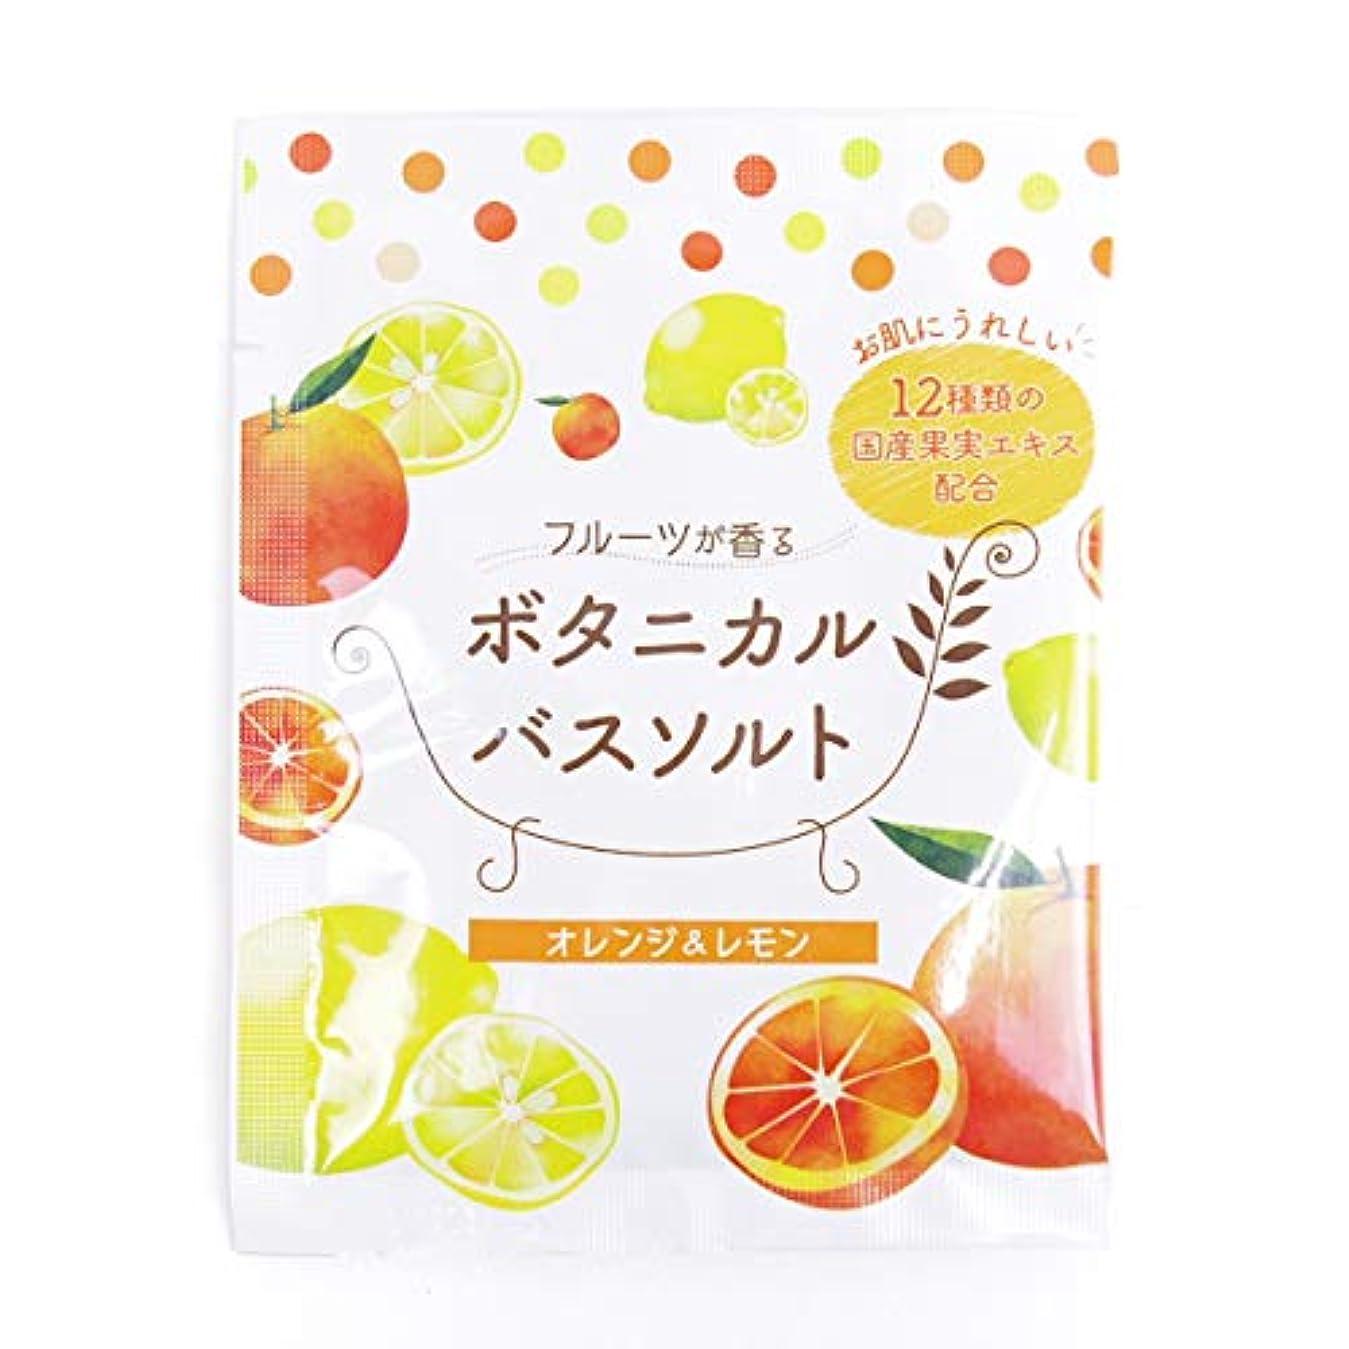 スノーケル落ち着いた先住民松田医薬品 フルーツが香るボタニカルバスソルト オレンジ&レモン 30g